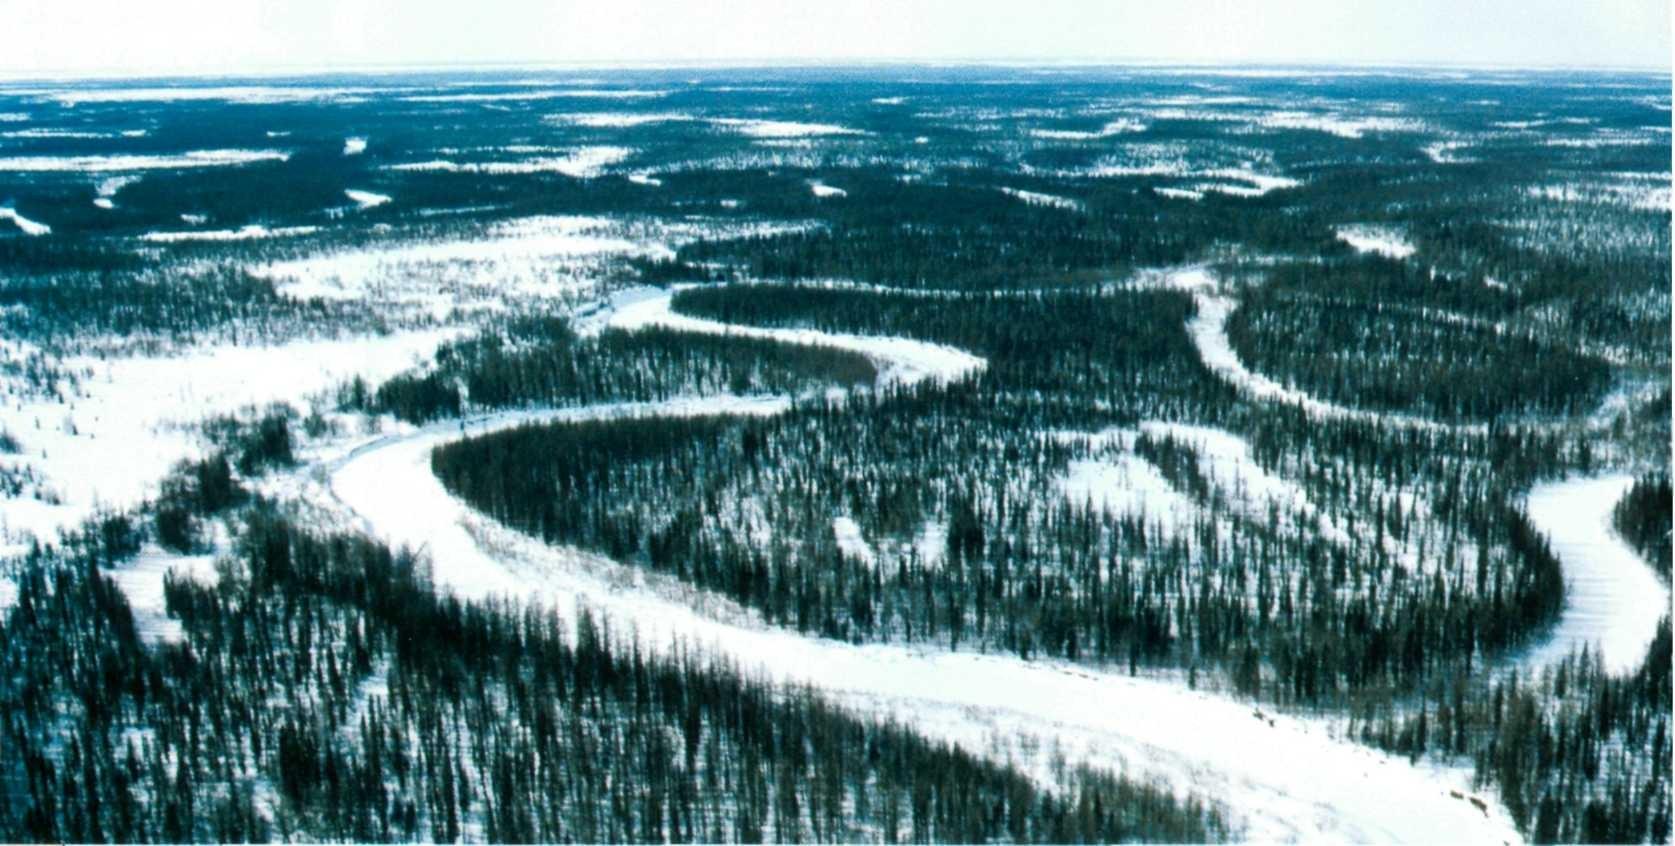 Учёные восстановят условия Ледникового периода в Сибири